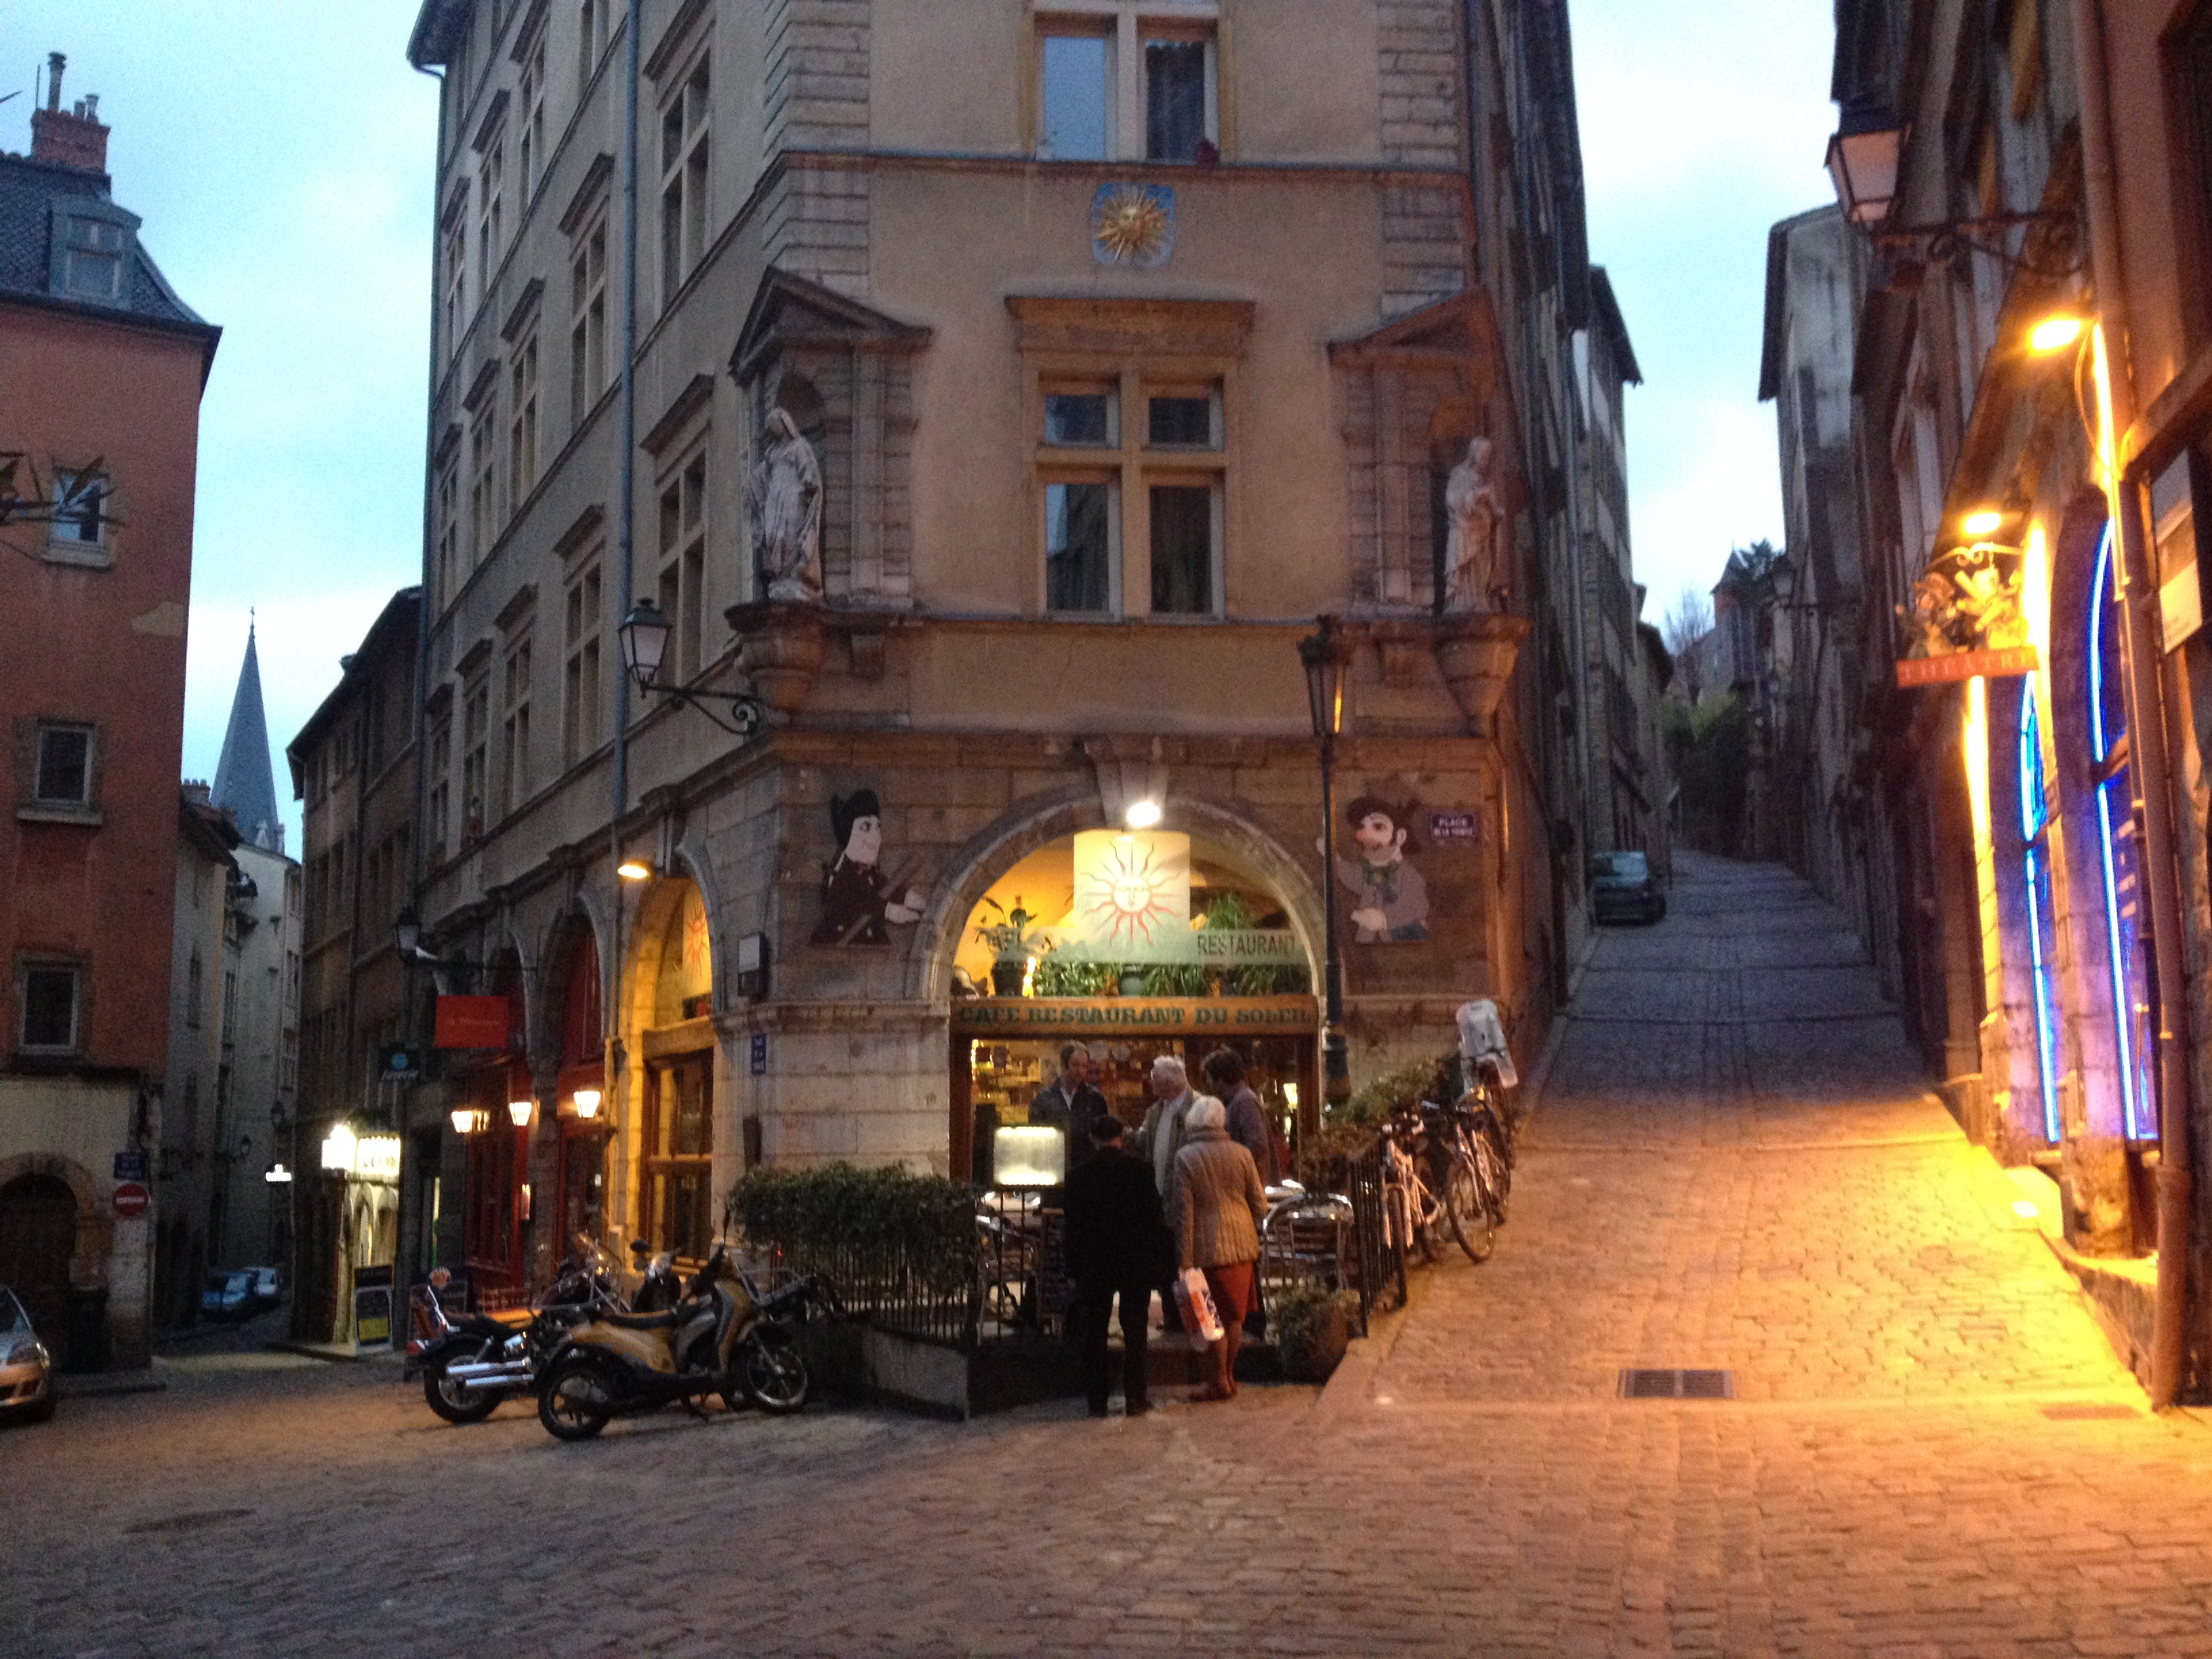 Hotel Vieux Lyon